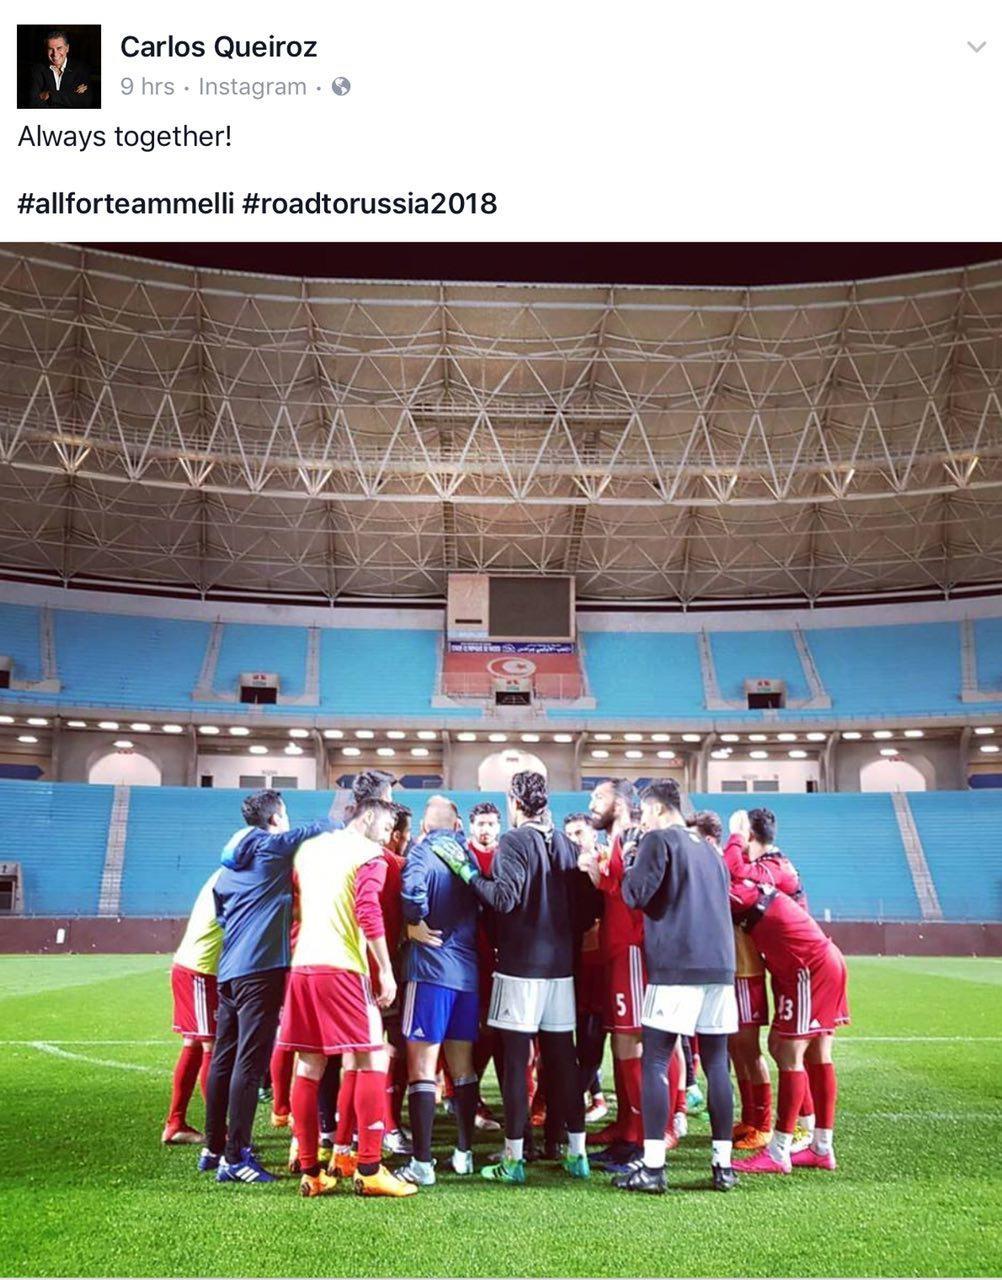 پست کارلوس کی روش در تمرین تیم ملی تونس